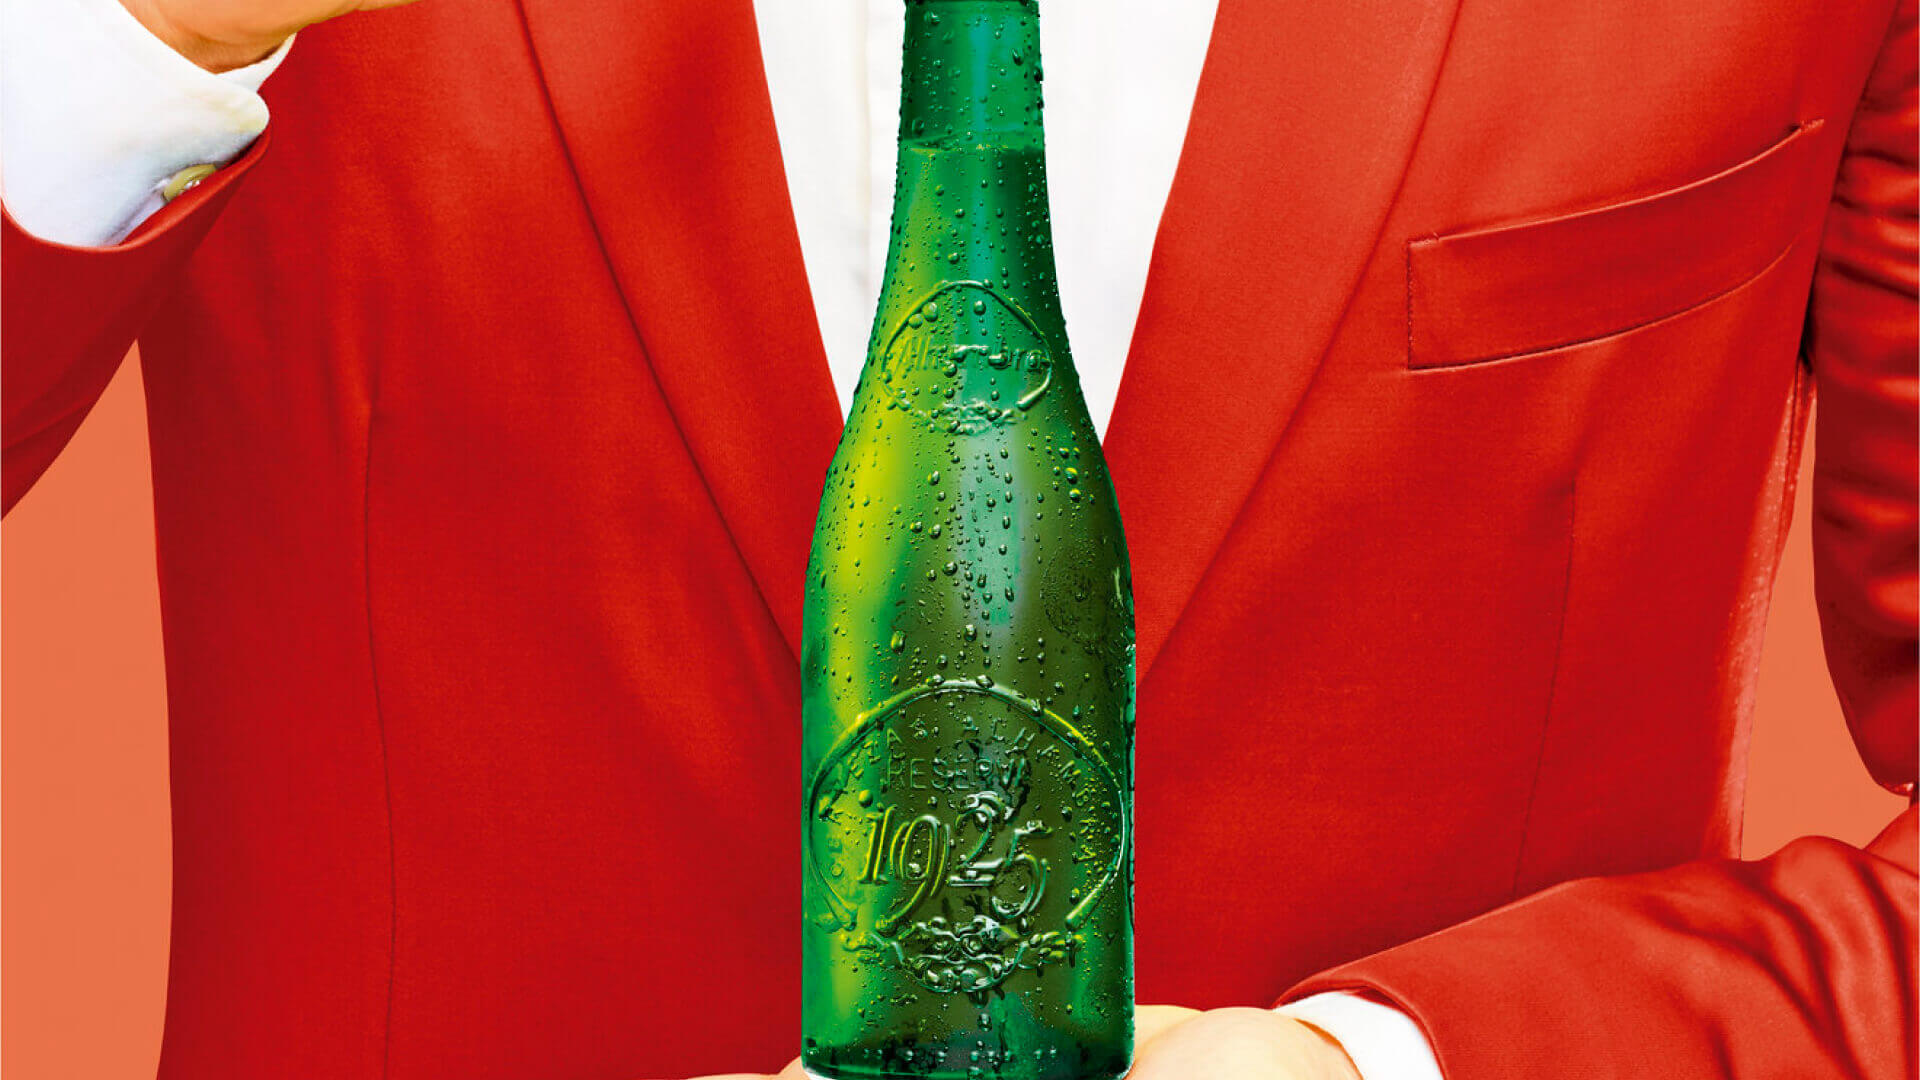 Crear sin prisa - Pier Paolo Ferrari - Cervezas Alhambra